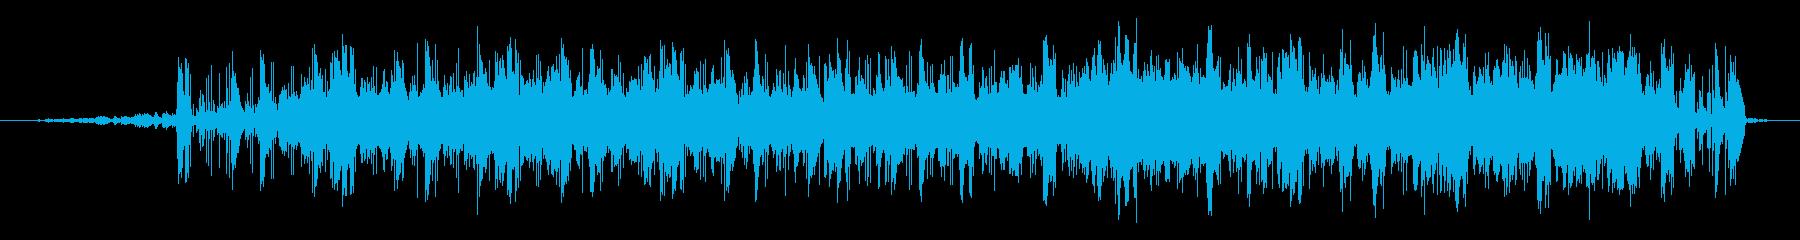 近未来的な映像に合うエレクトロニカの再生済みの波形